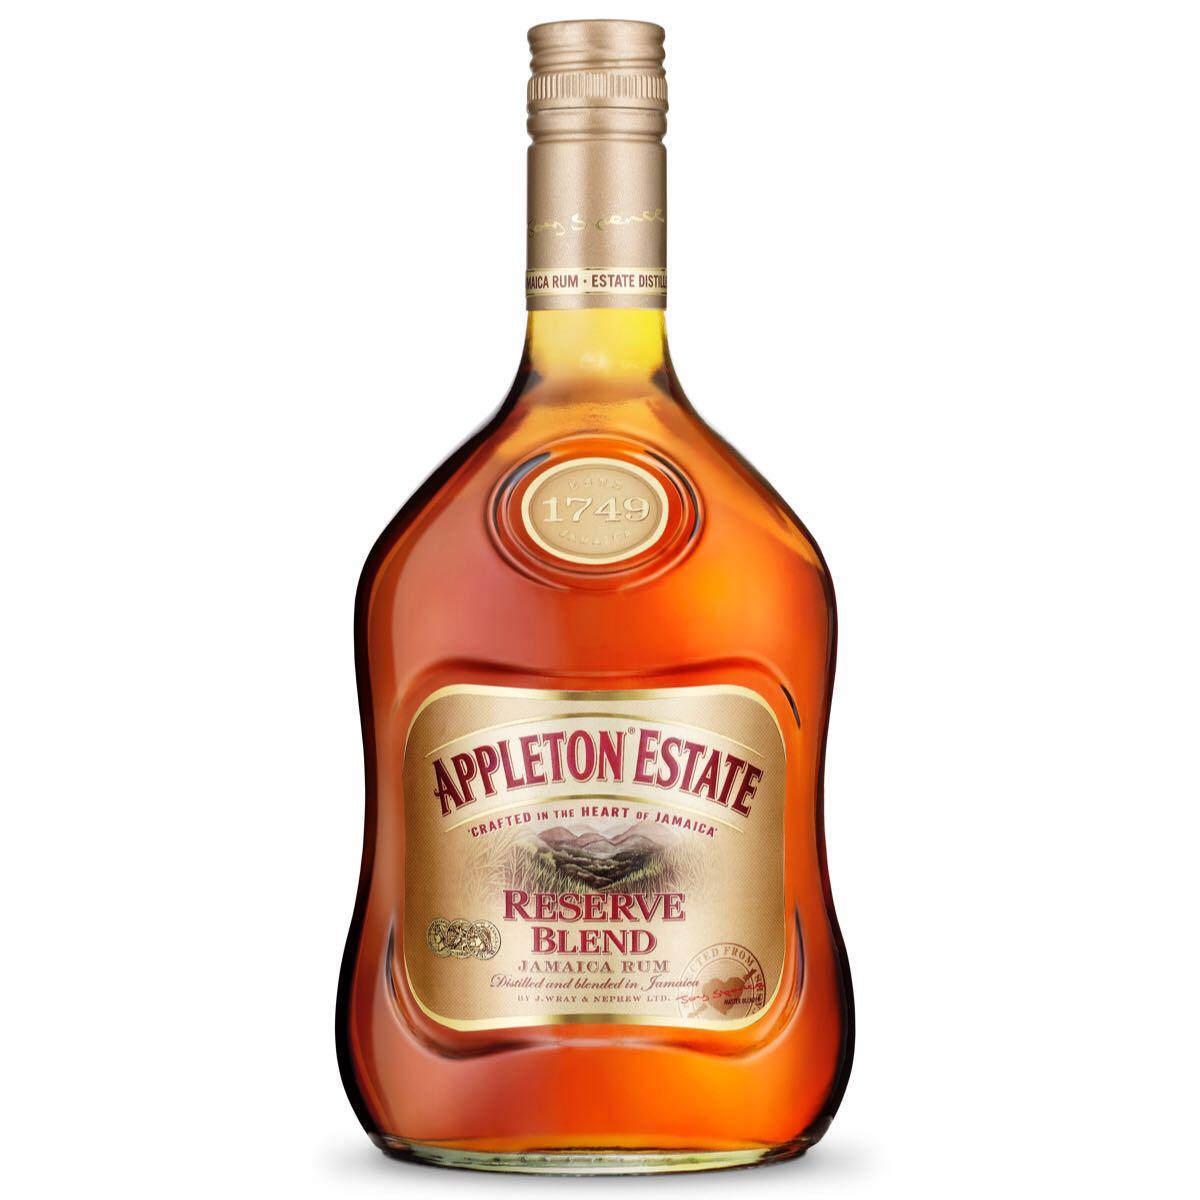 Bottle image of Reserve Blend